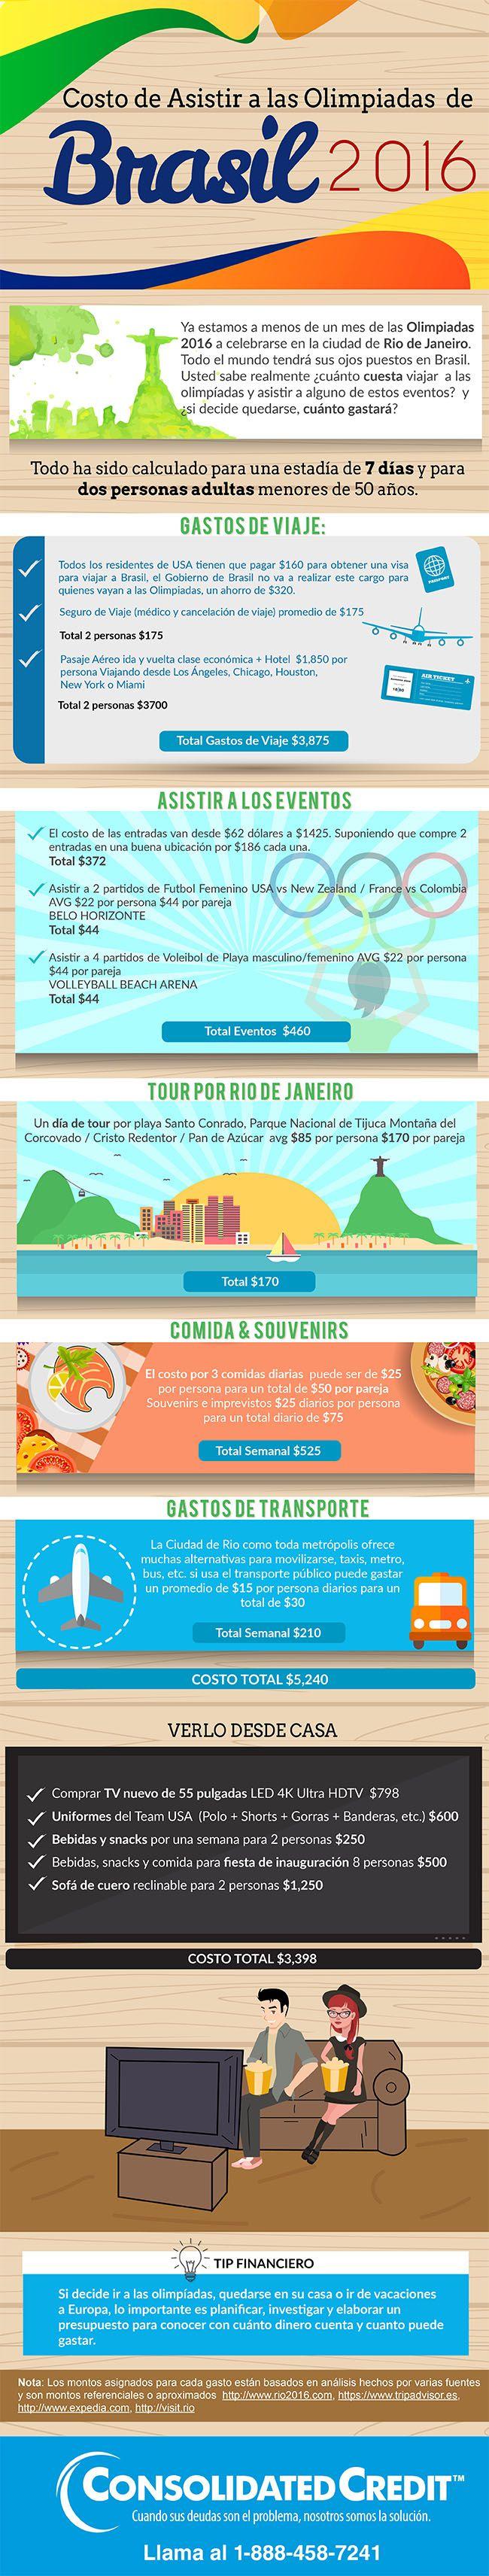 Usted sabe ¿cuánto cuesta viajar a las olimpiadas en Brasil y asistir a alguno de estos eventos? Ya estamos a menos de un mes de las Olimpiadas 2016 a celebrarse en la ciudad de Rio de Janeiro. Revisa esta interesante infografía y averígualo HAZ CLIC.